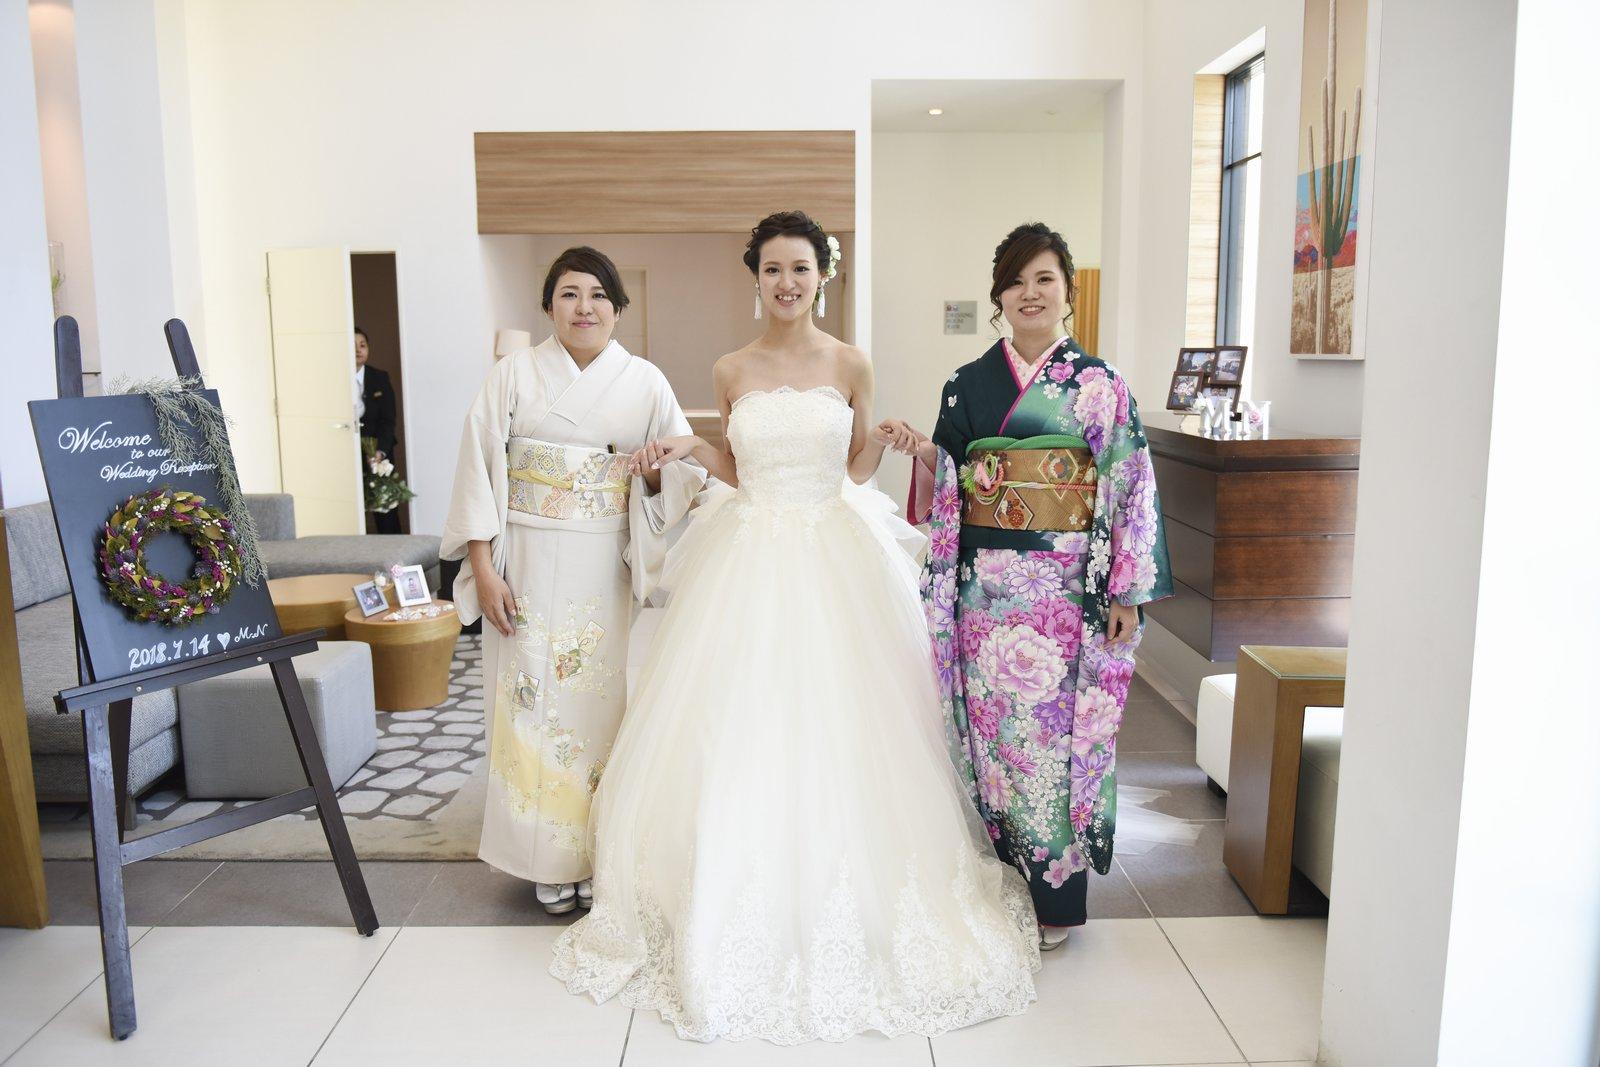 香川県の結婚式場アイスタイルで姉妹で記念撮影